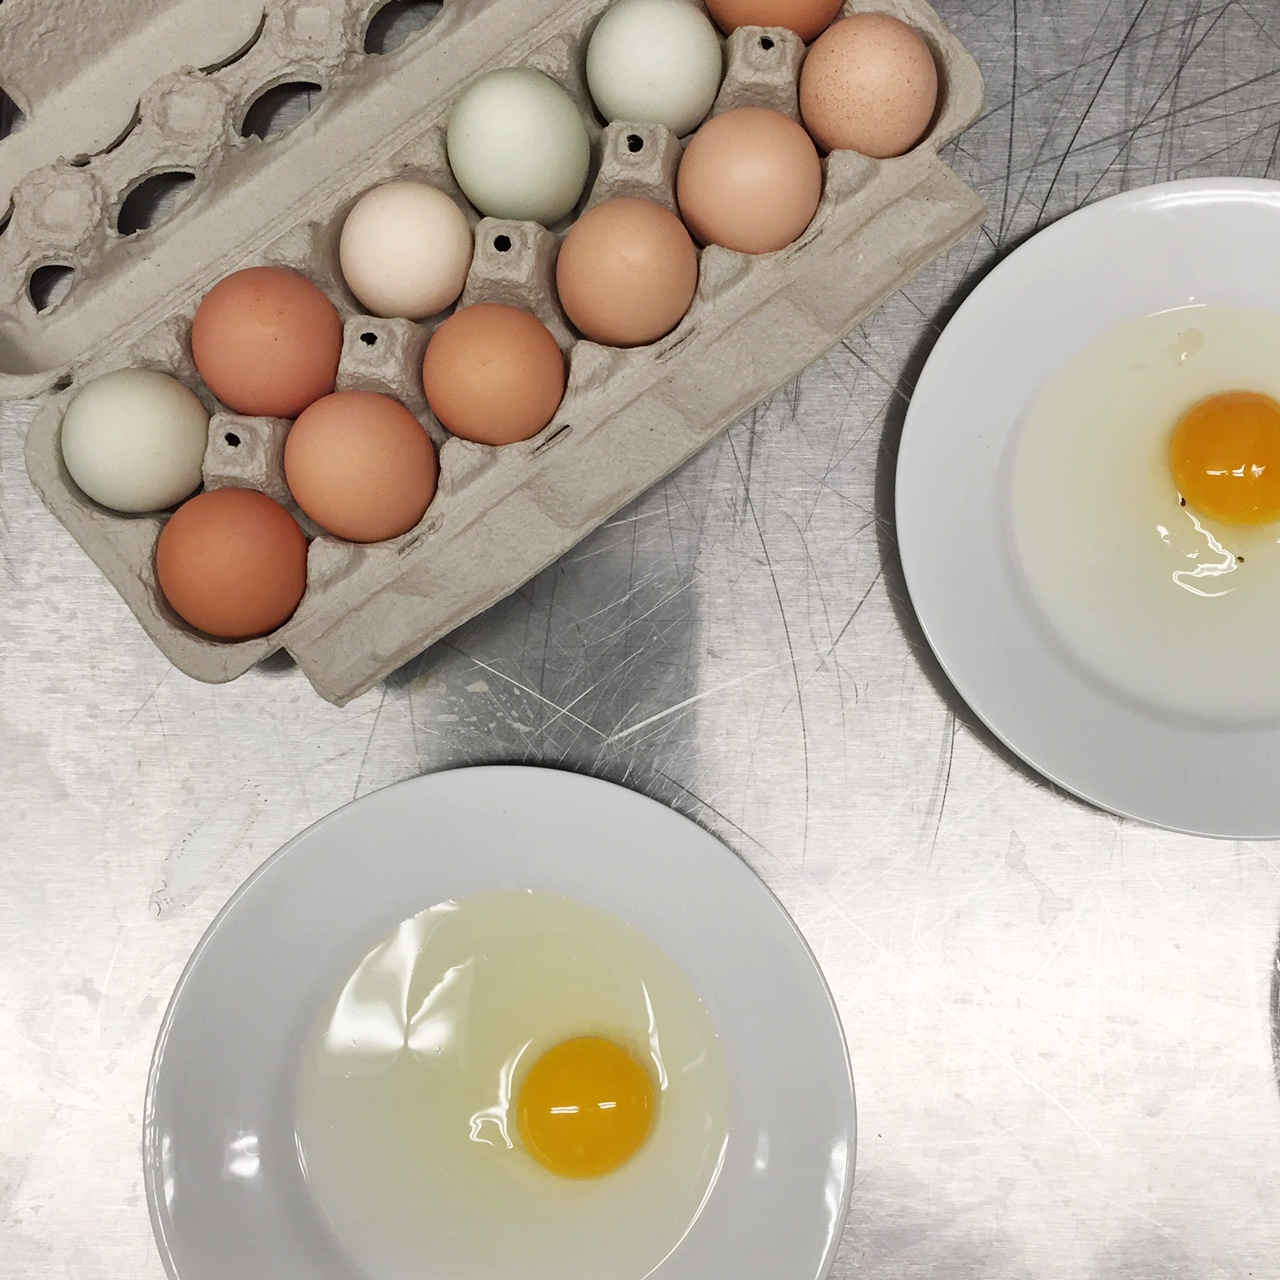 farm fresh vs grocery store egg